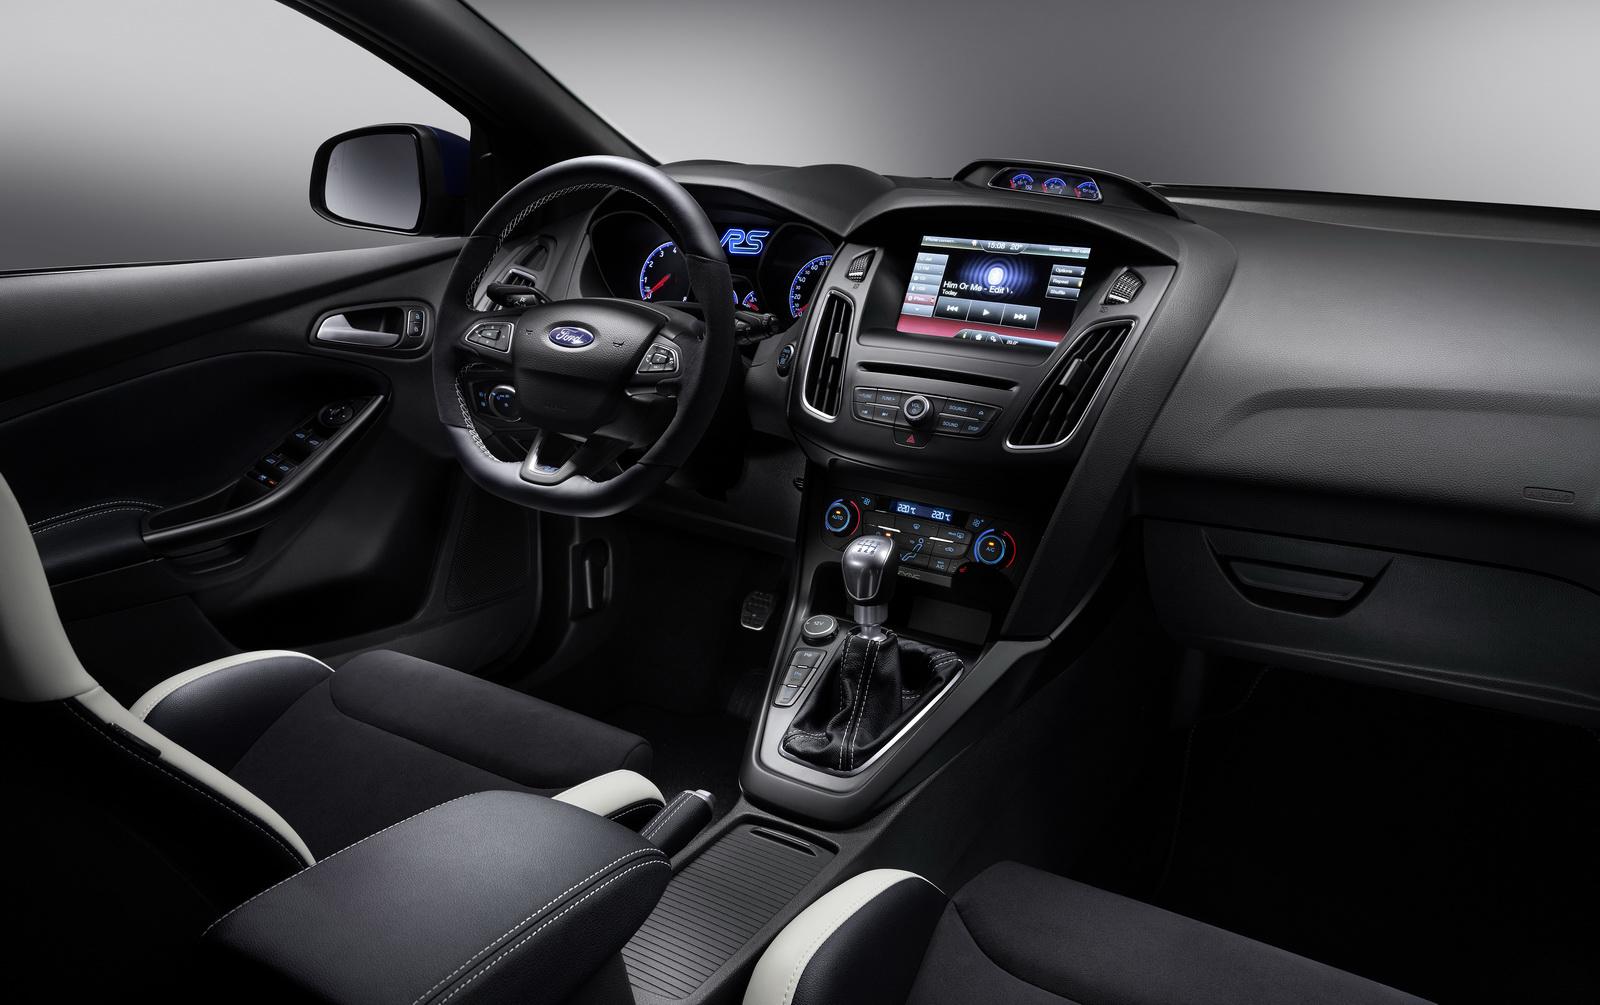 Ahora sí: El nuevo Ford Focus RS cuenta con 350 CV y 440 Nm de par 2